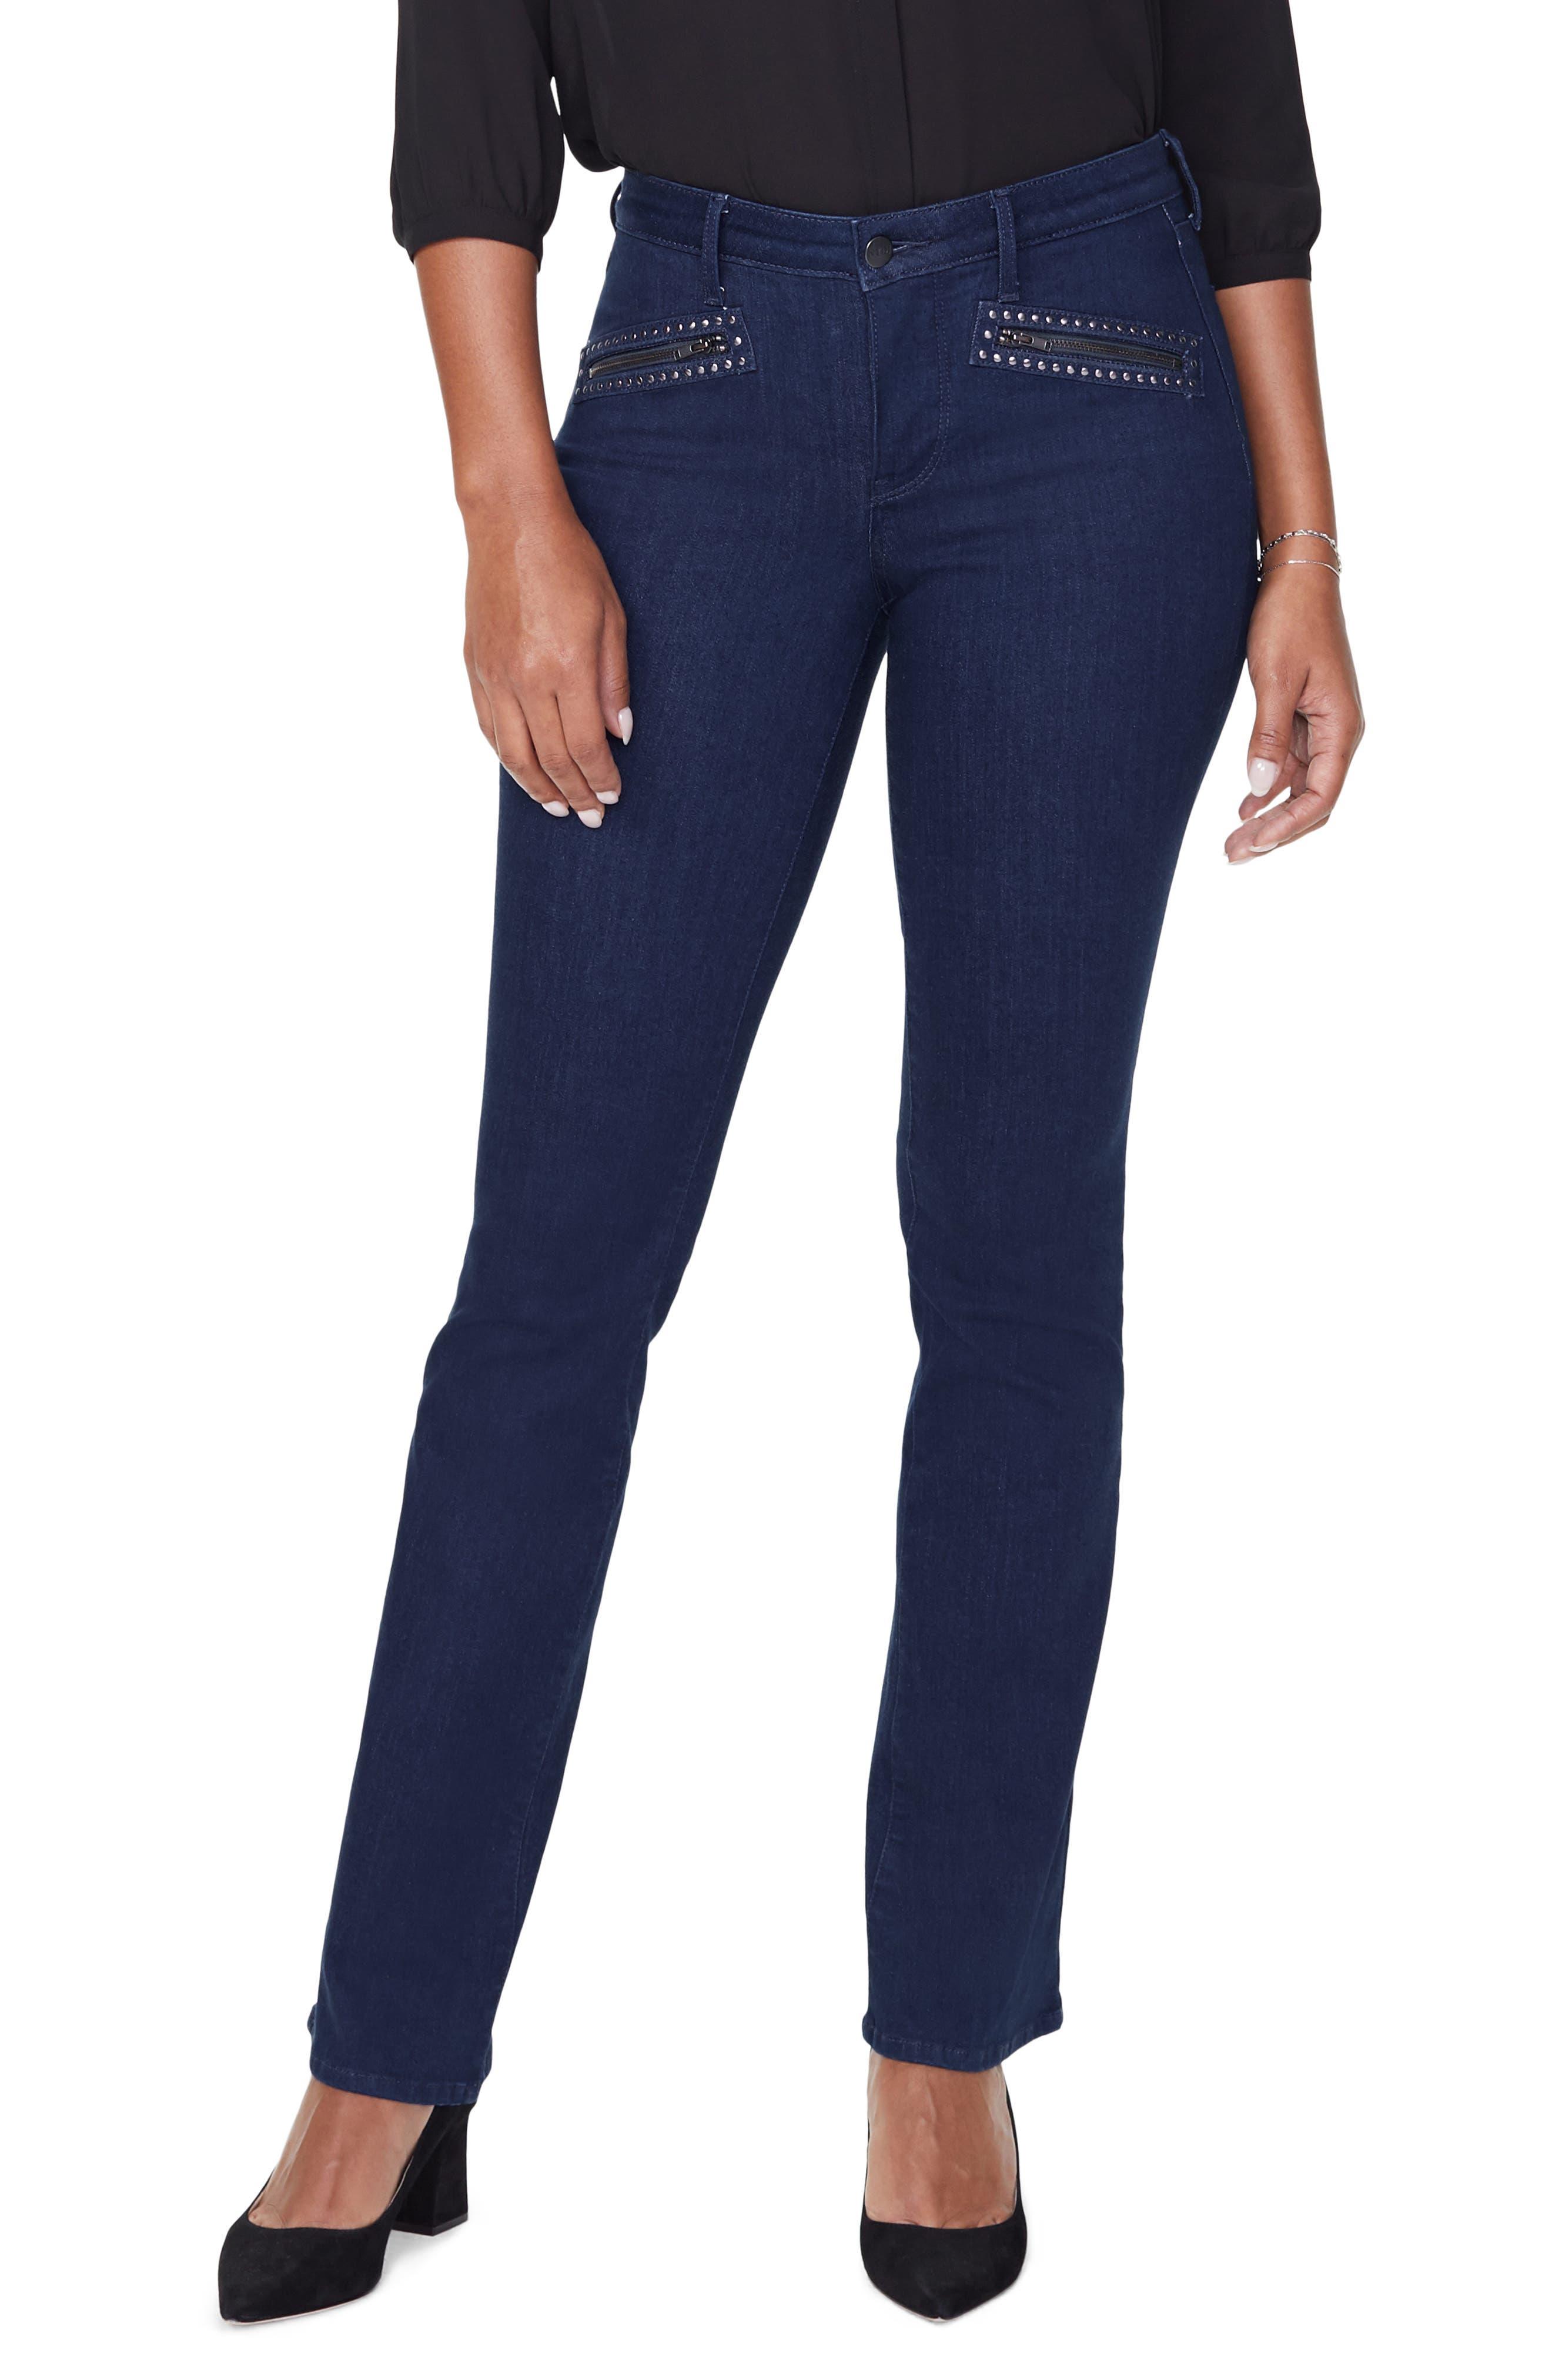 NYDJ Womens Barbara Bootcut Jean Jeans